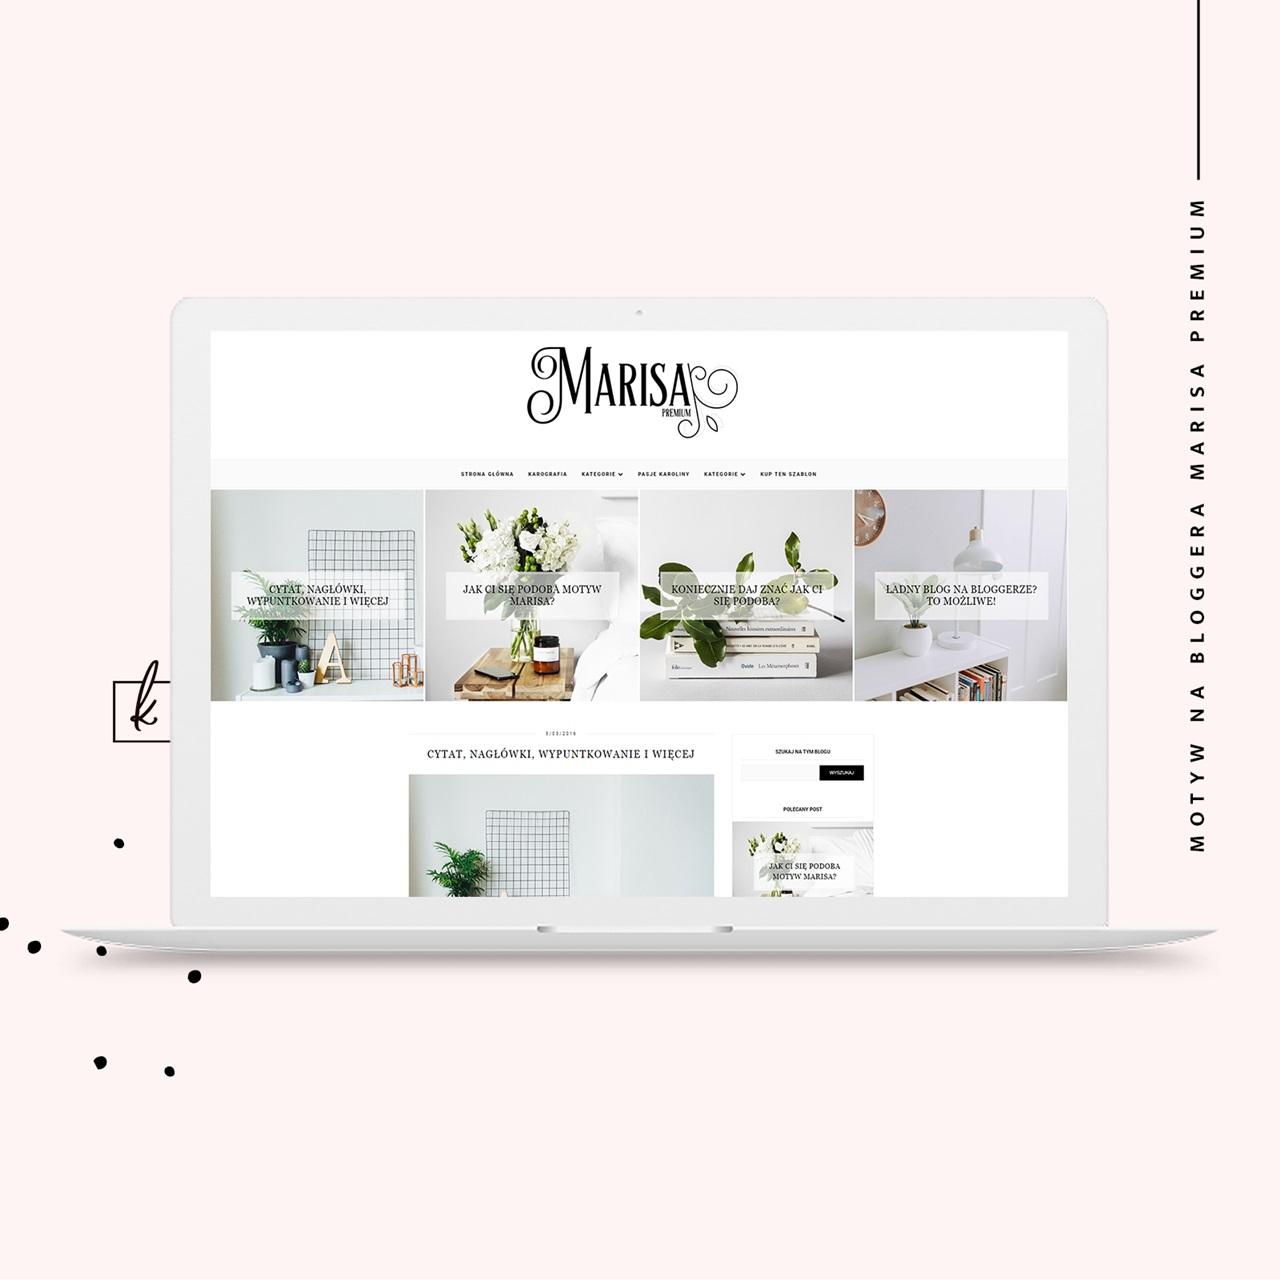 Szablon na bloggera Marisa Premium na blogspota do kupienia!